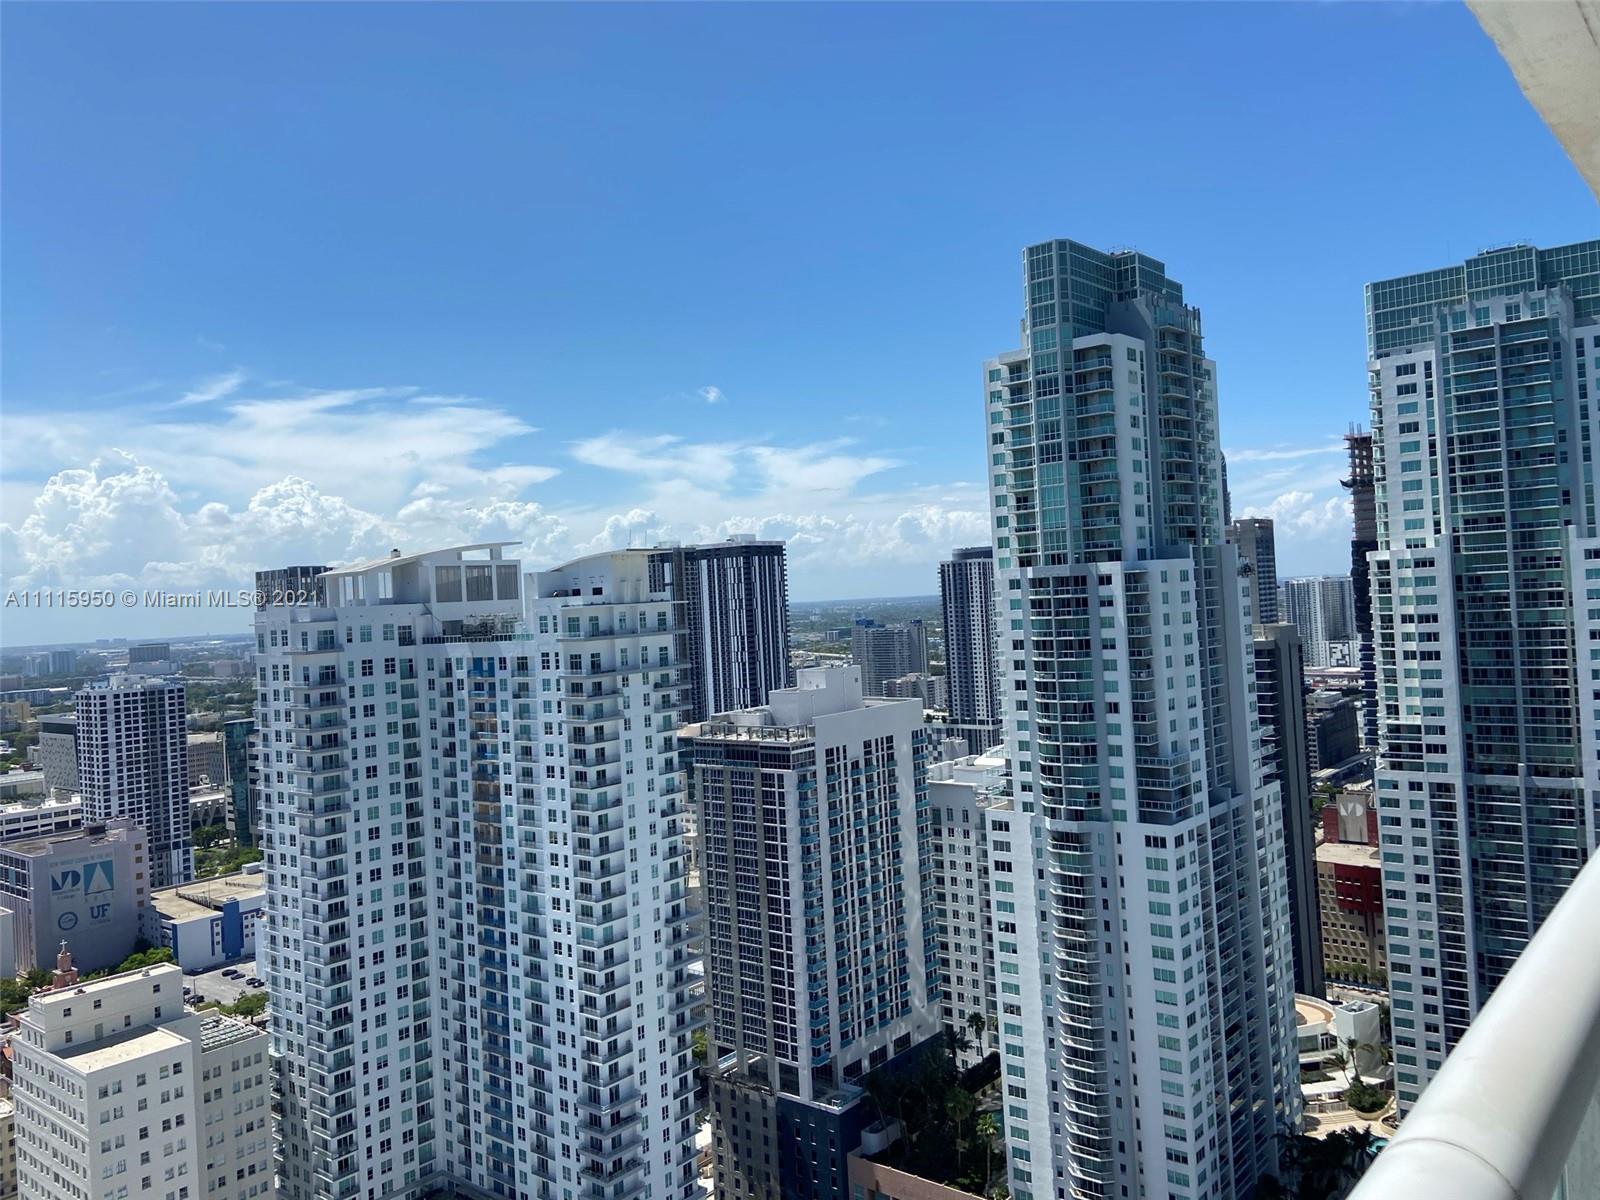 50 Biscayne #4103 - 50 Biscayne Blvd #4103, Miami, FL 33132